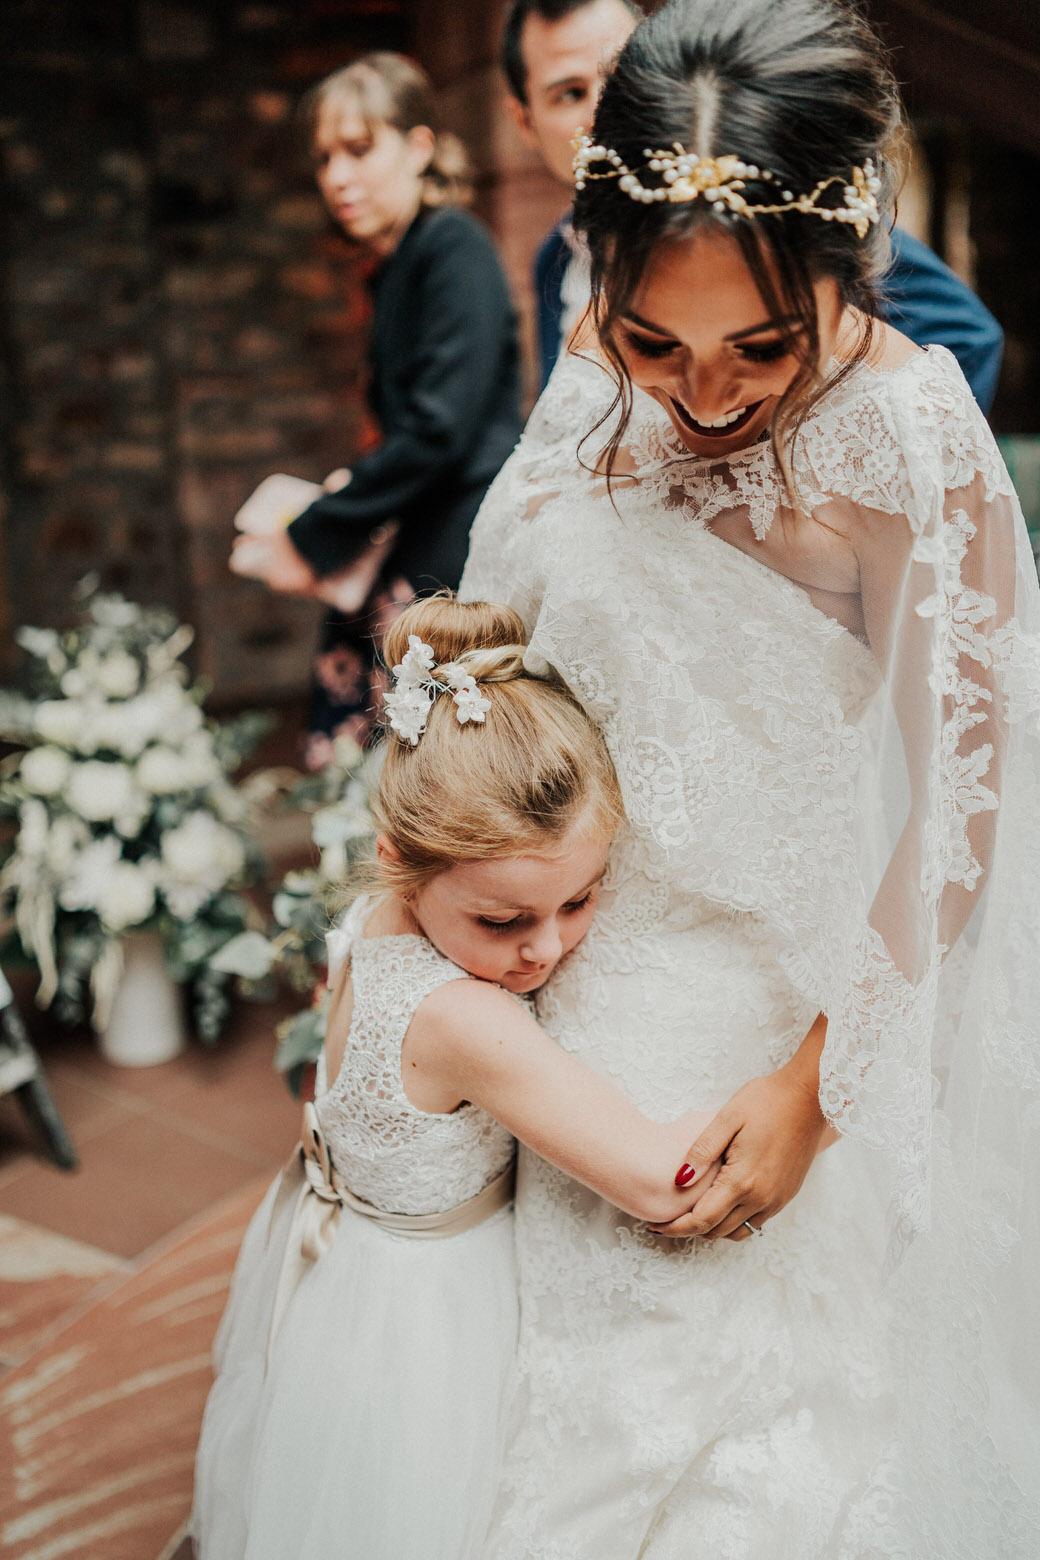 Hochzeitsbild von der Braut mit dem Blumenmädchen in Wiesbaden, Jagdschloss Platte